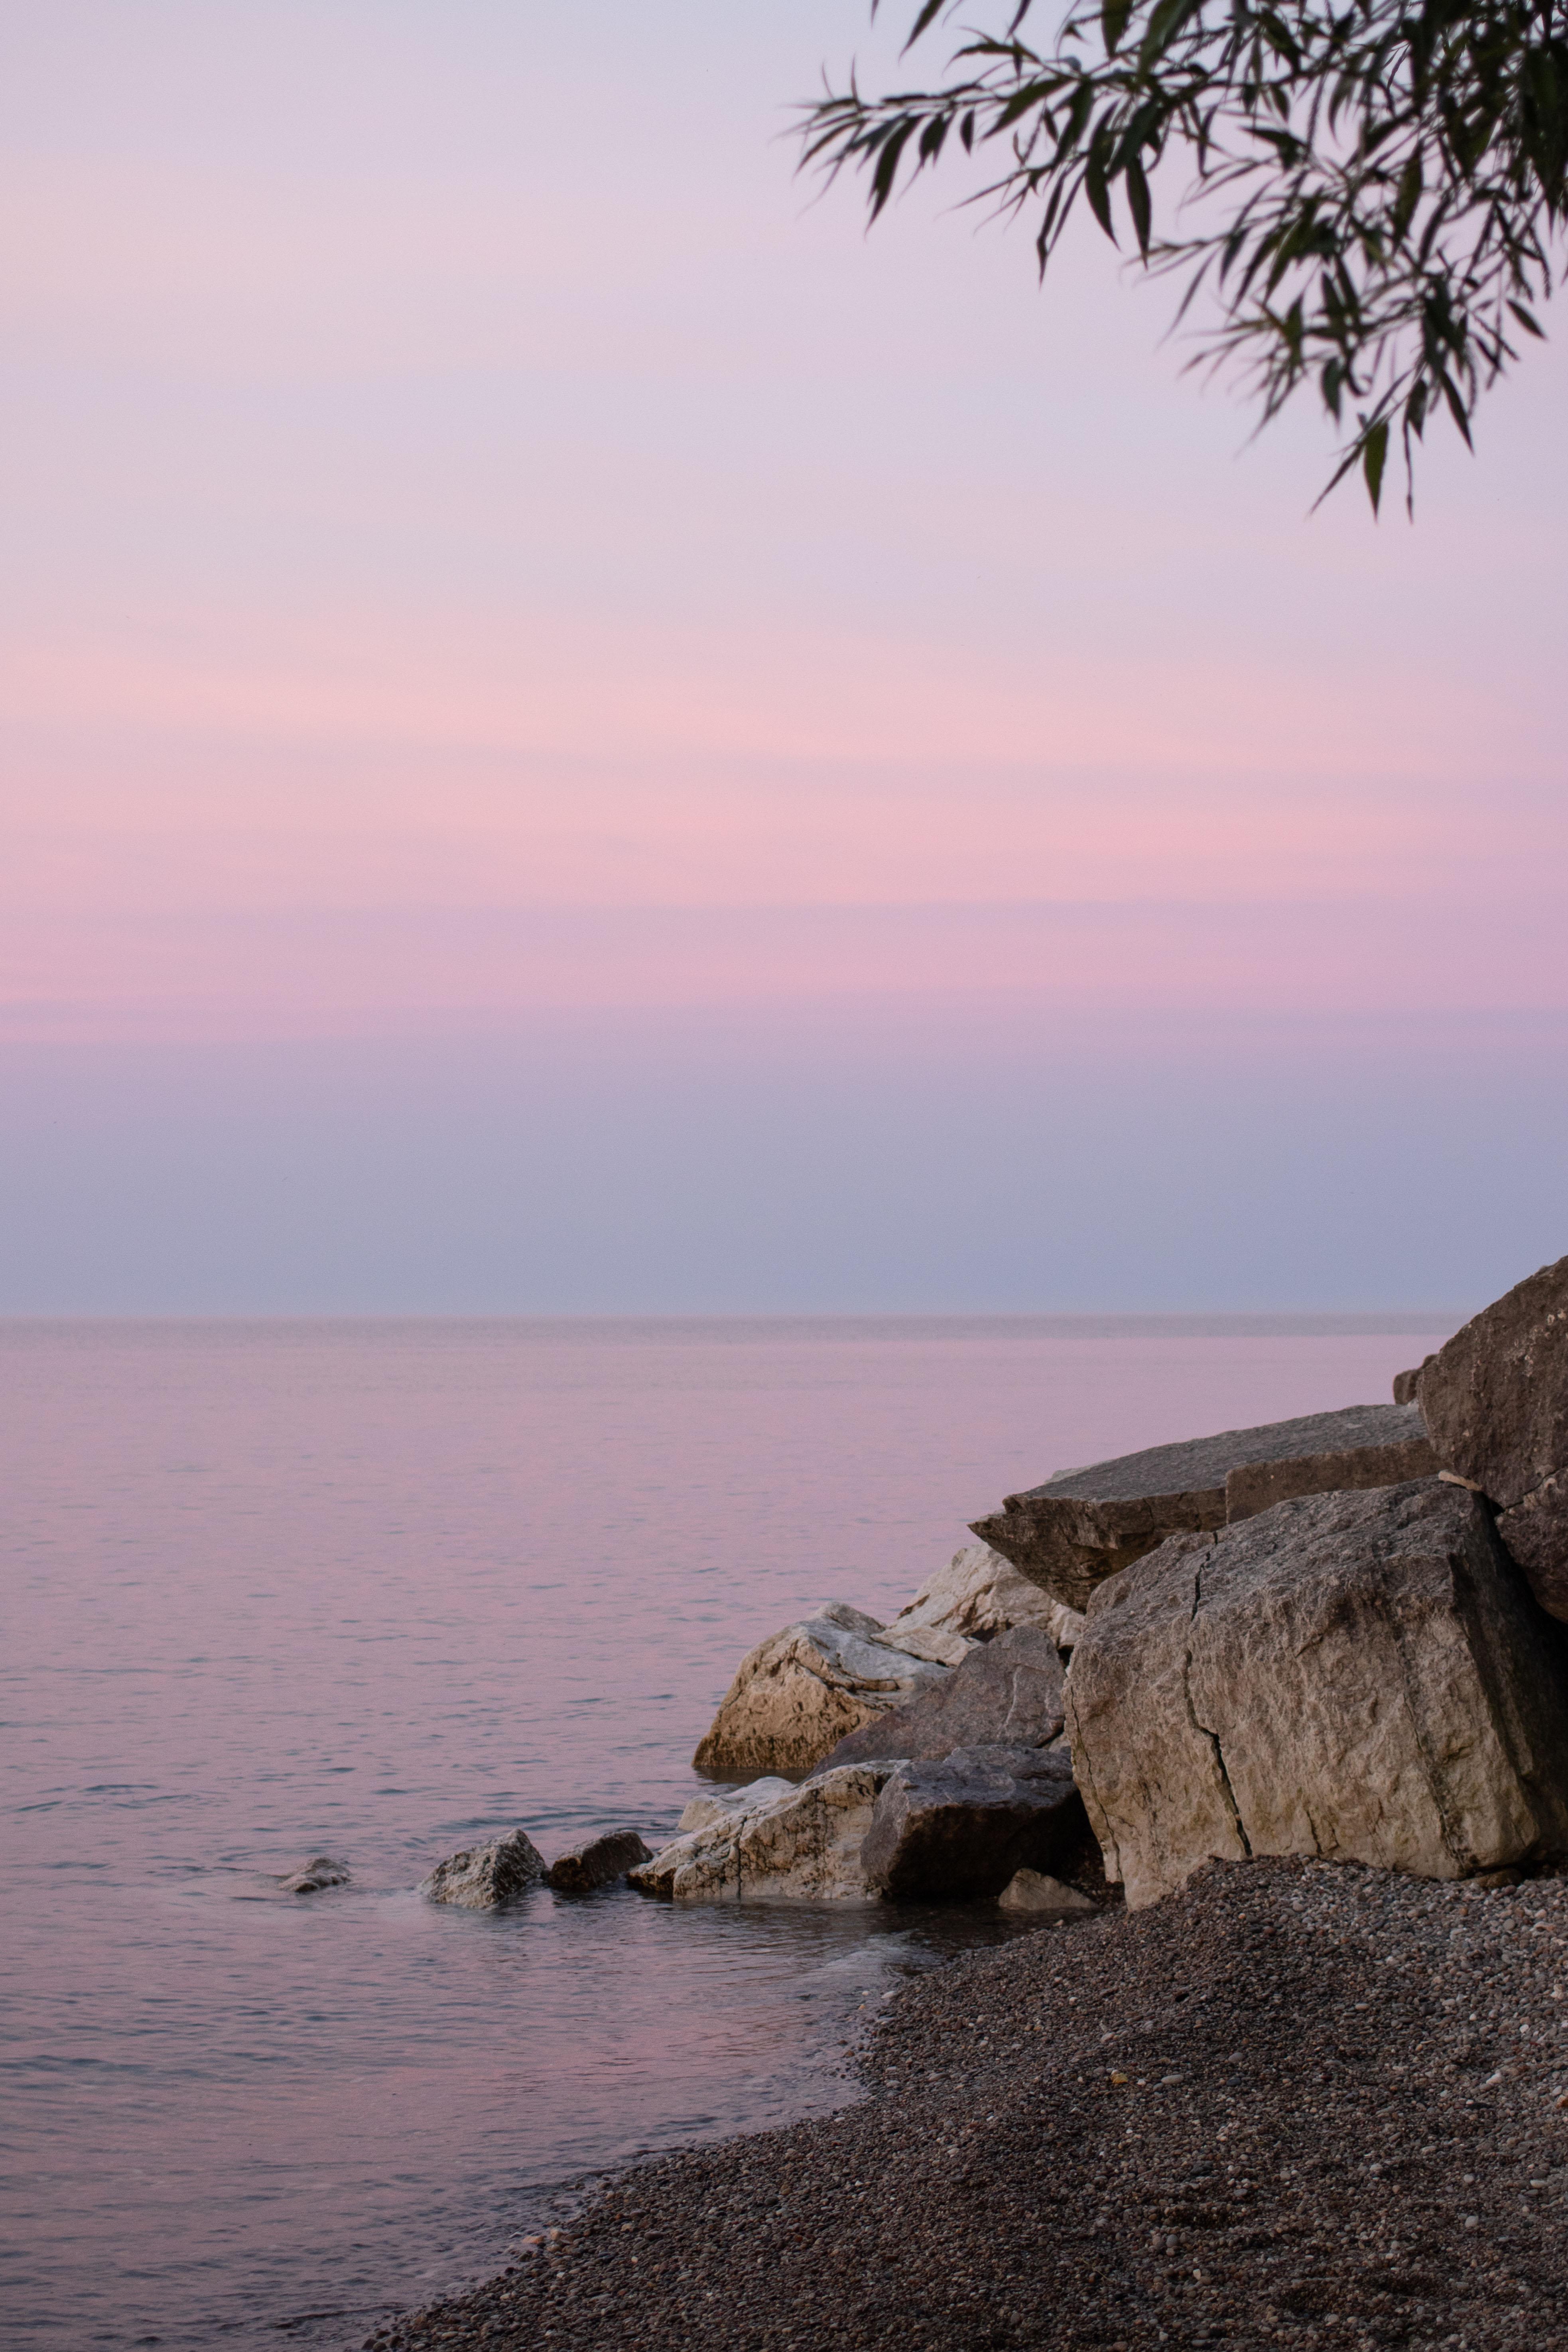 Golden Hour Summer 2018 | https://www.roseclearfield.com